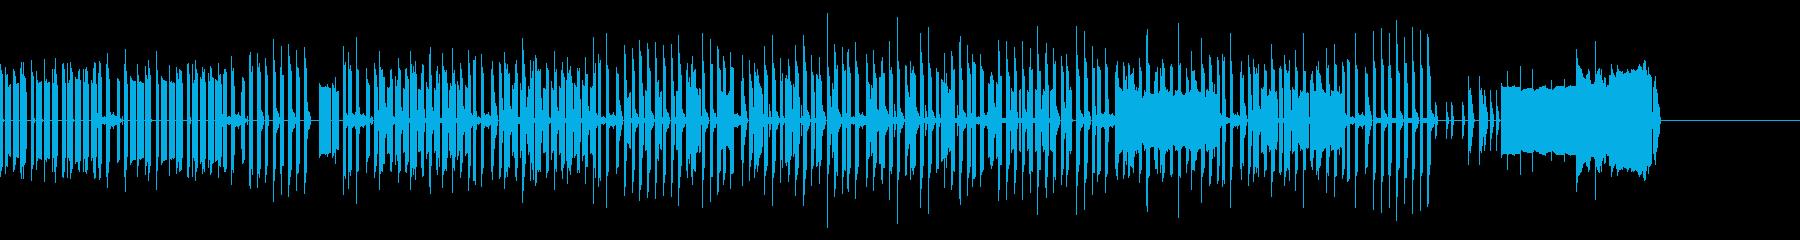 ノリノリチップチューンスウィング♪の再生済みの波形